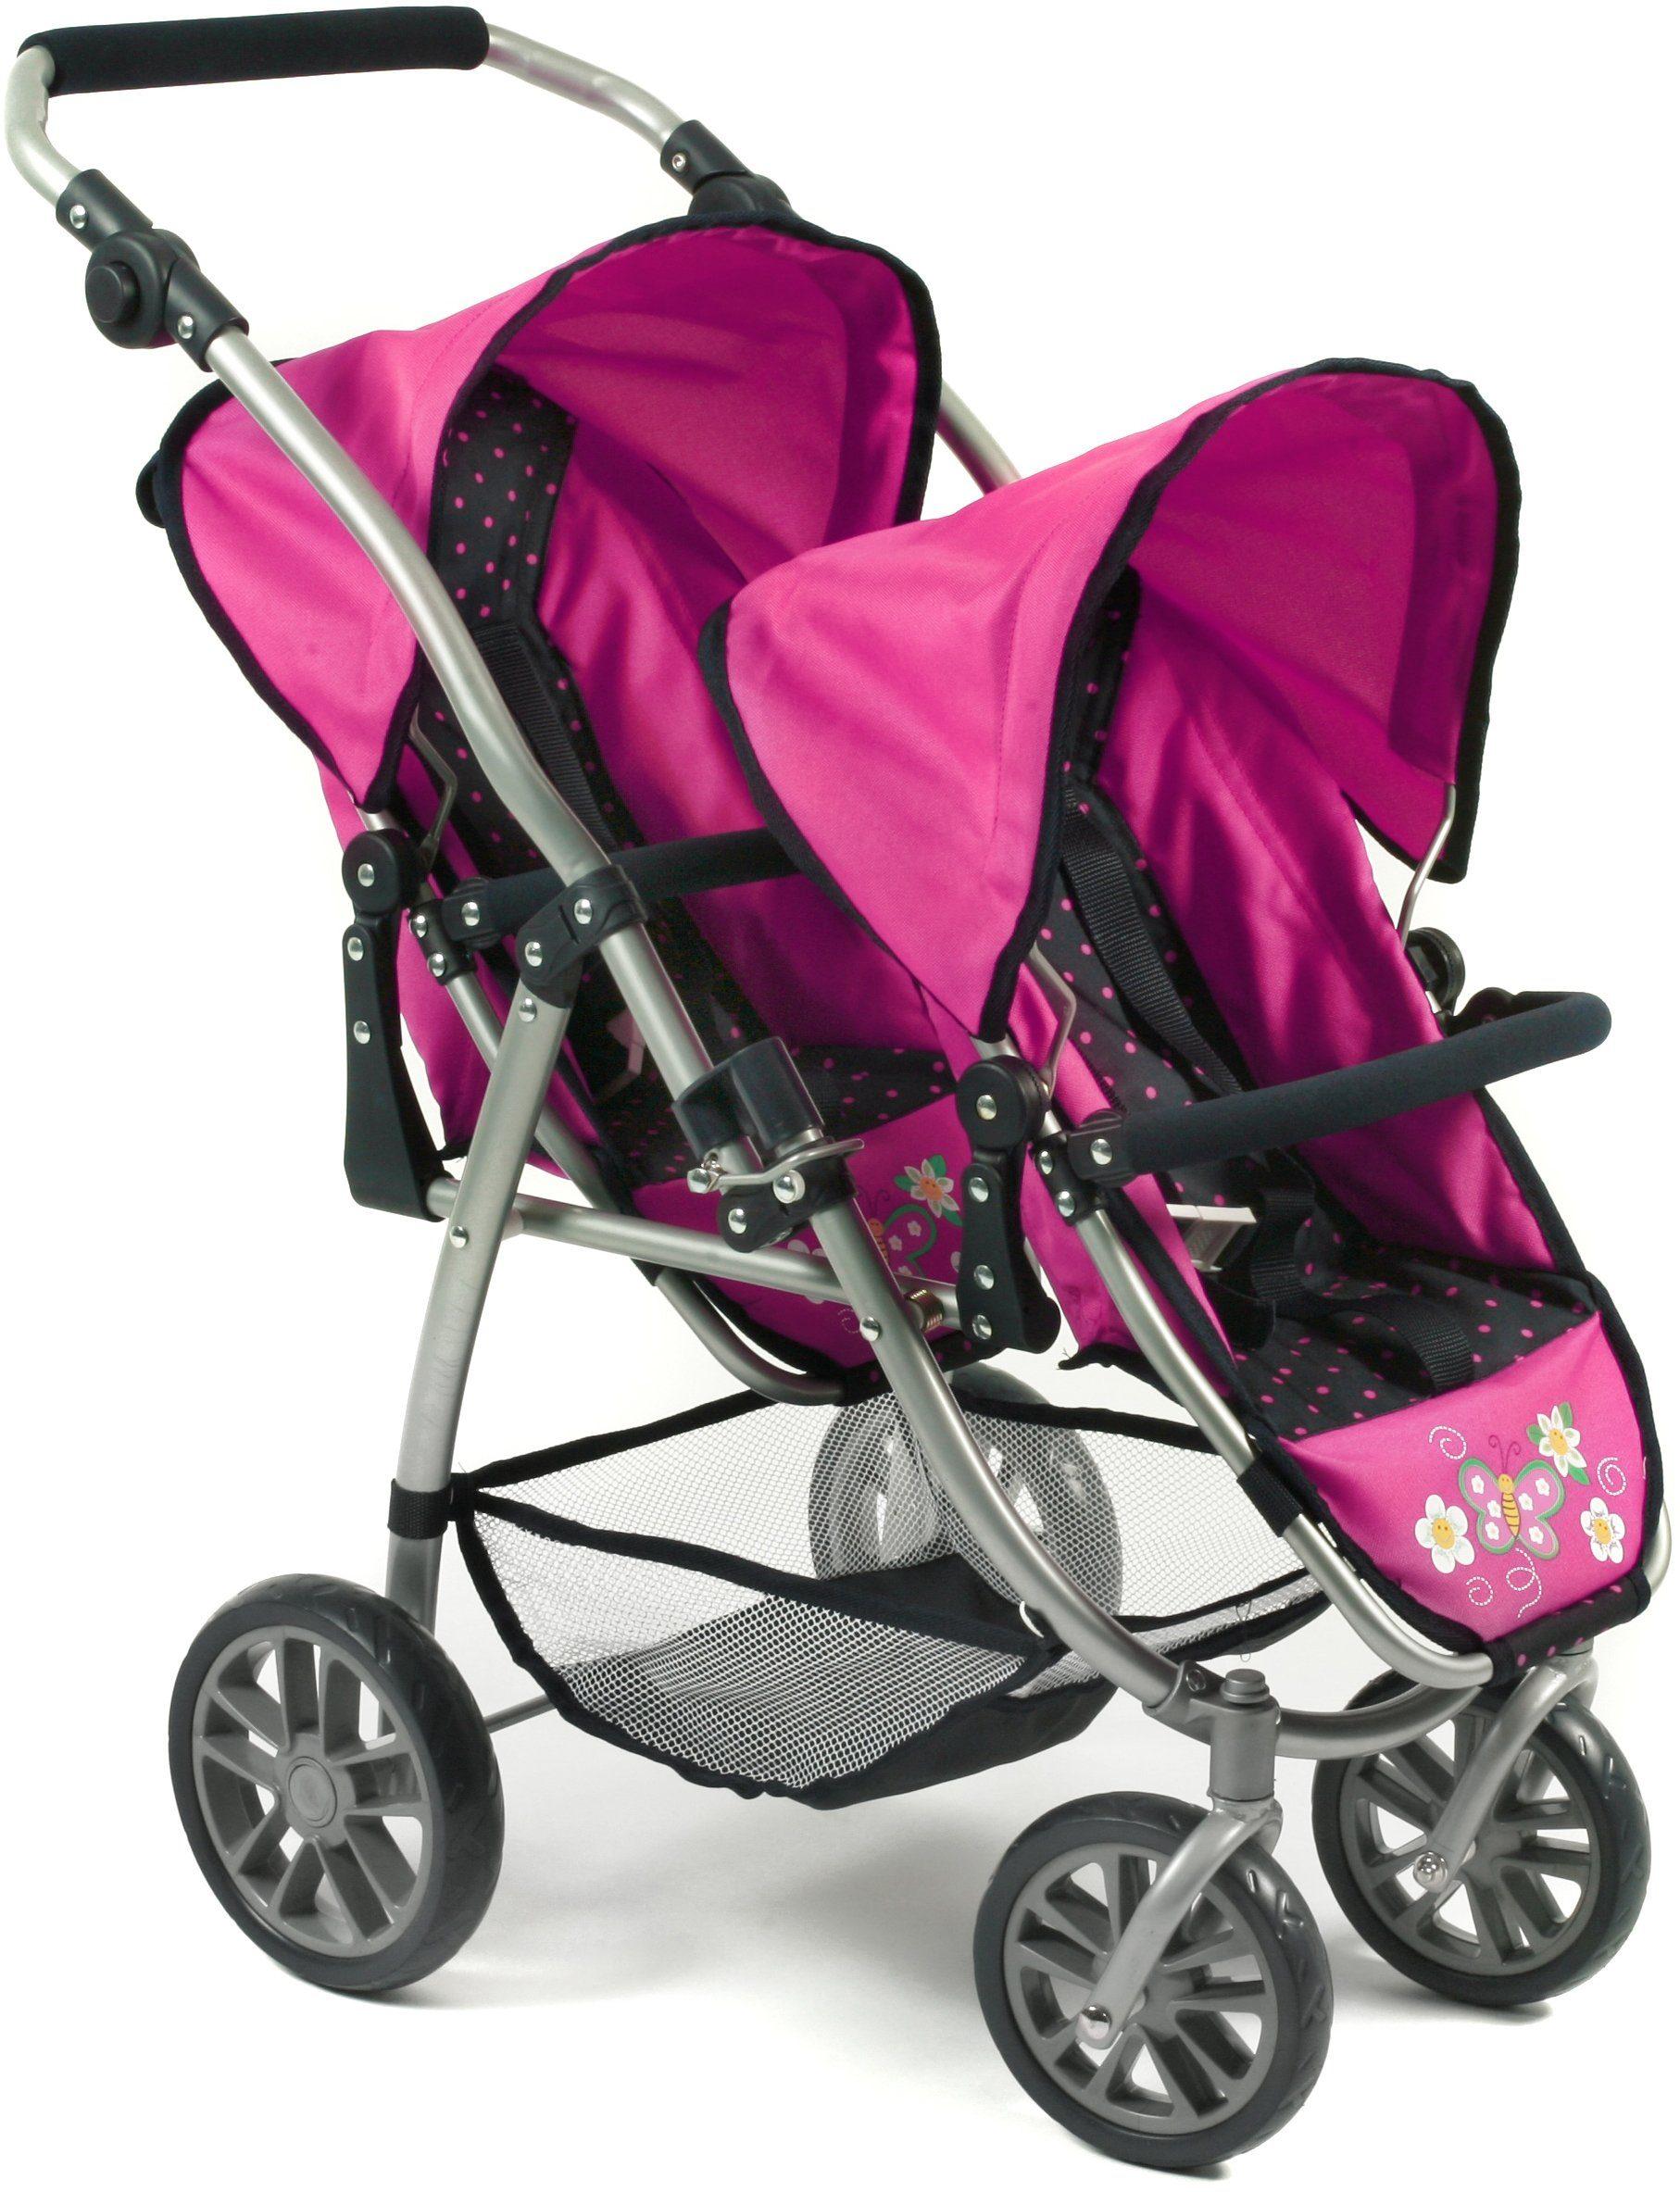 CHIC2000 Puppen Tandembuggy mit schwenkbaren Vorderrädern, »VARIO navy-pink«